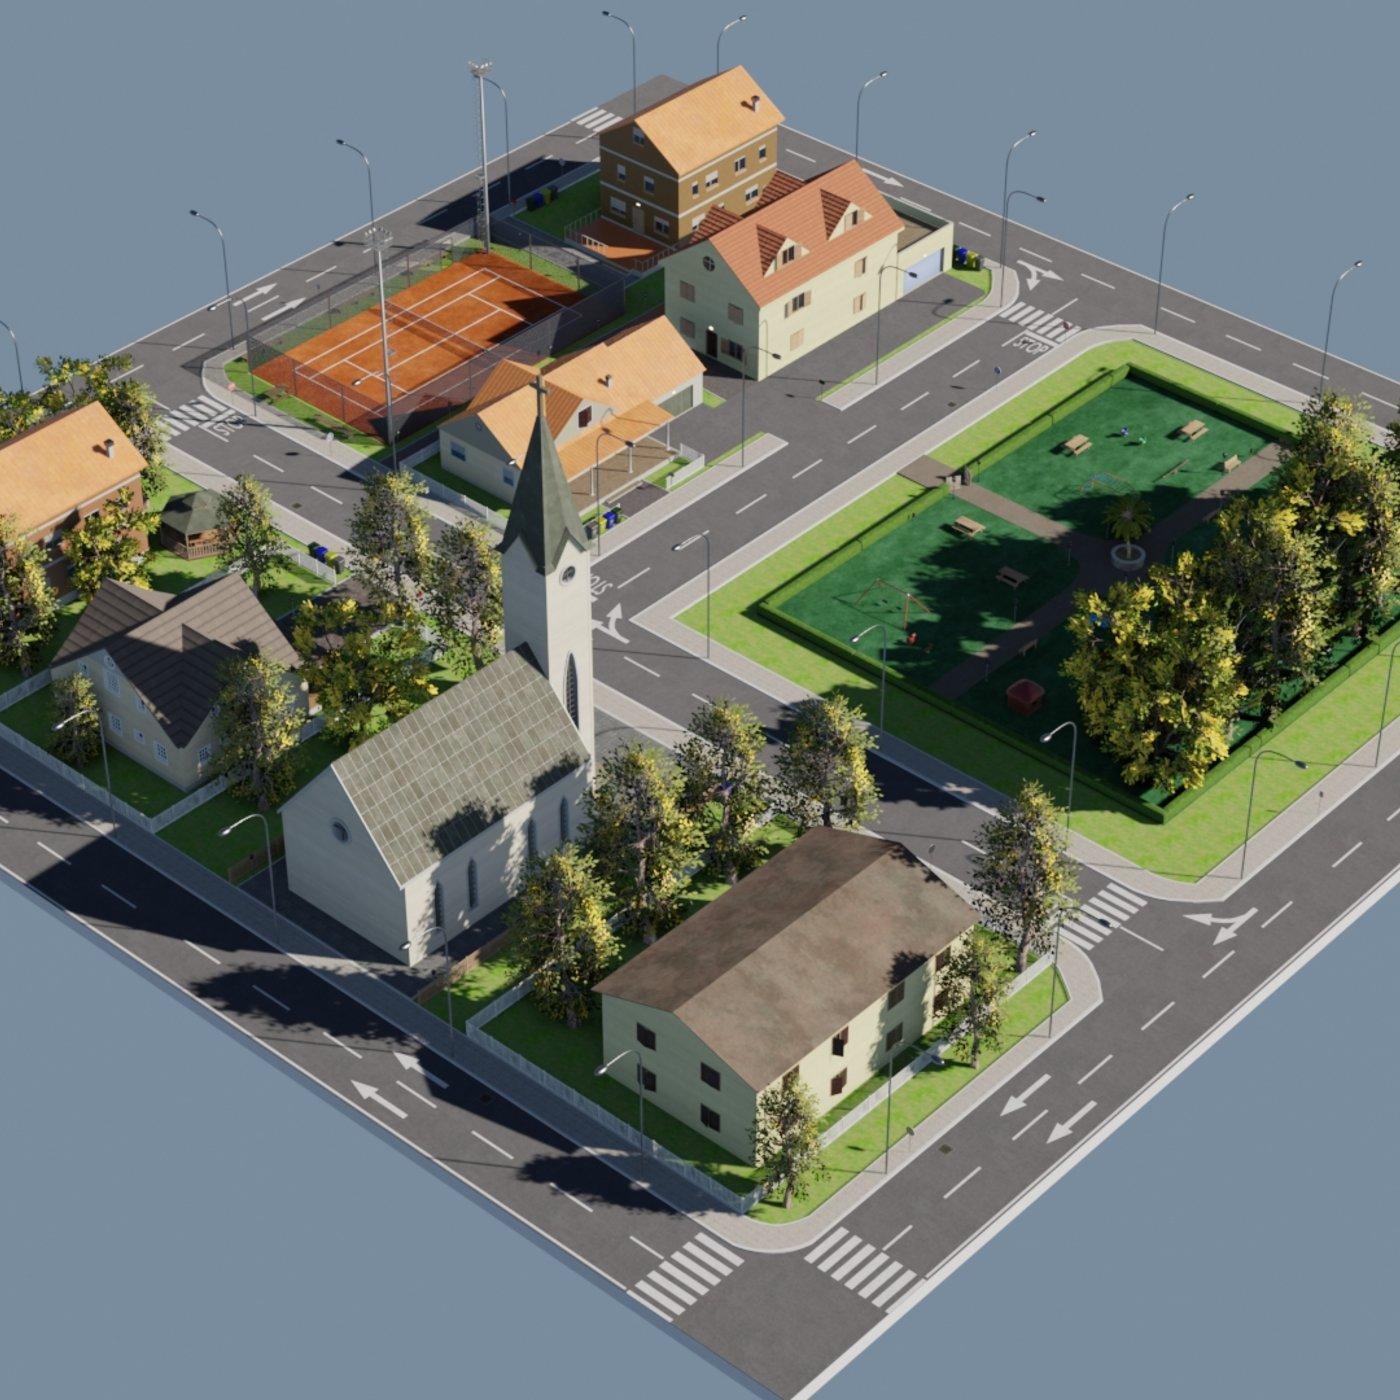 Modular city